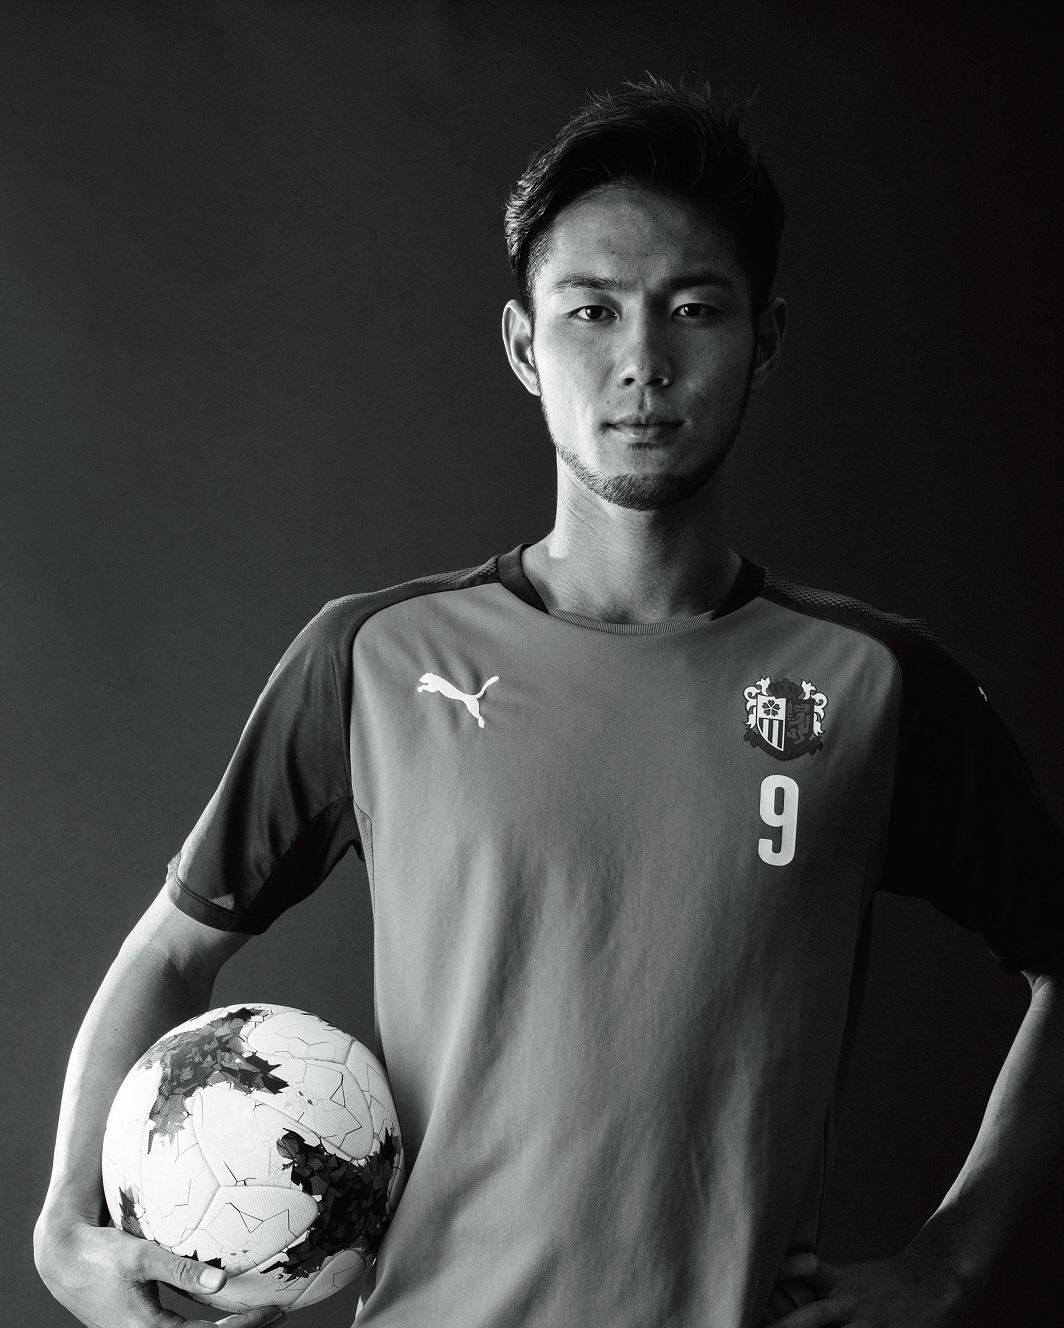 サッカー杉本健勇選手が将来超マッチョになって叶えたい夢とは…